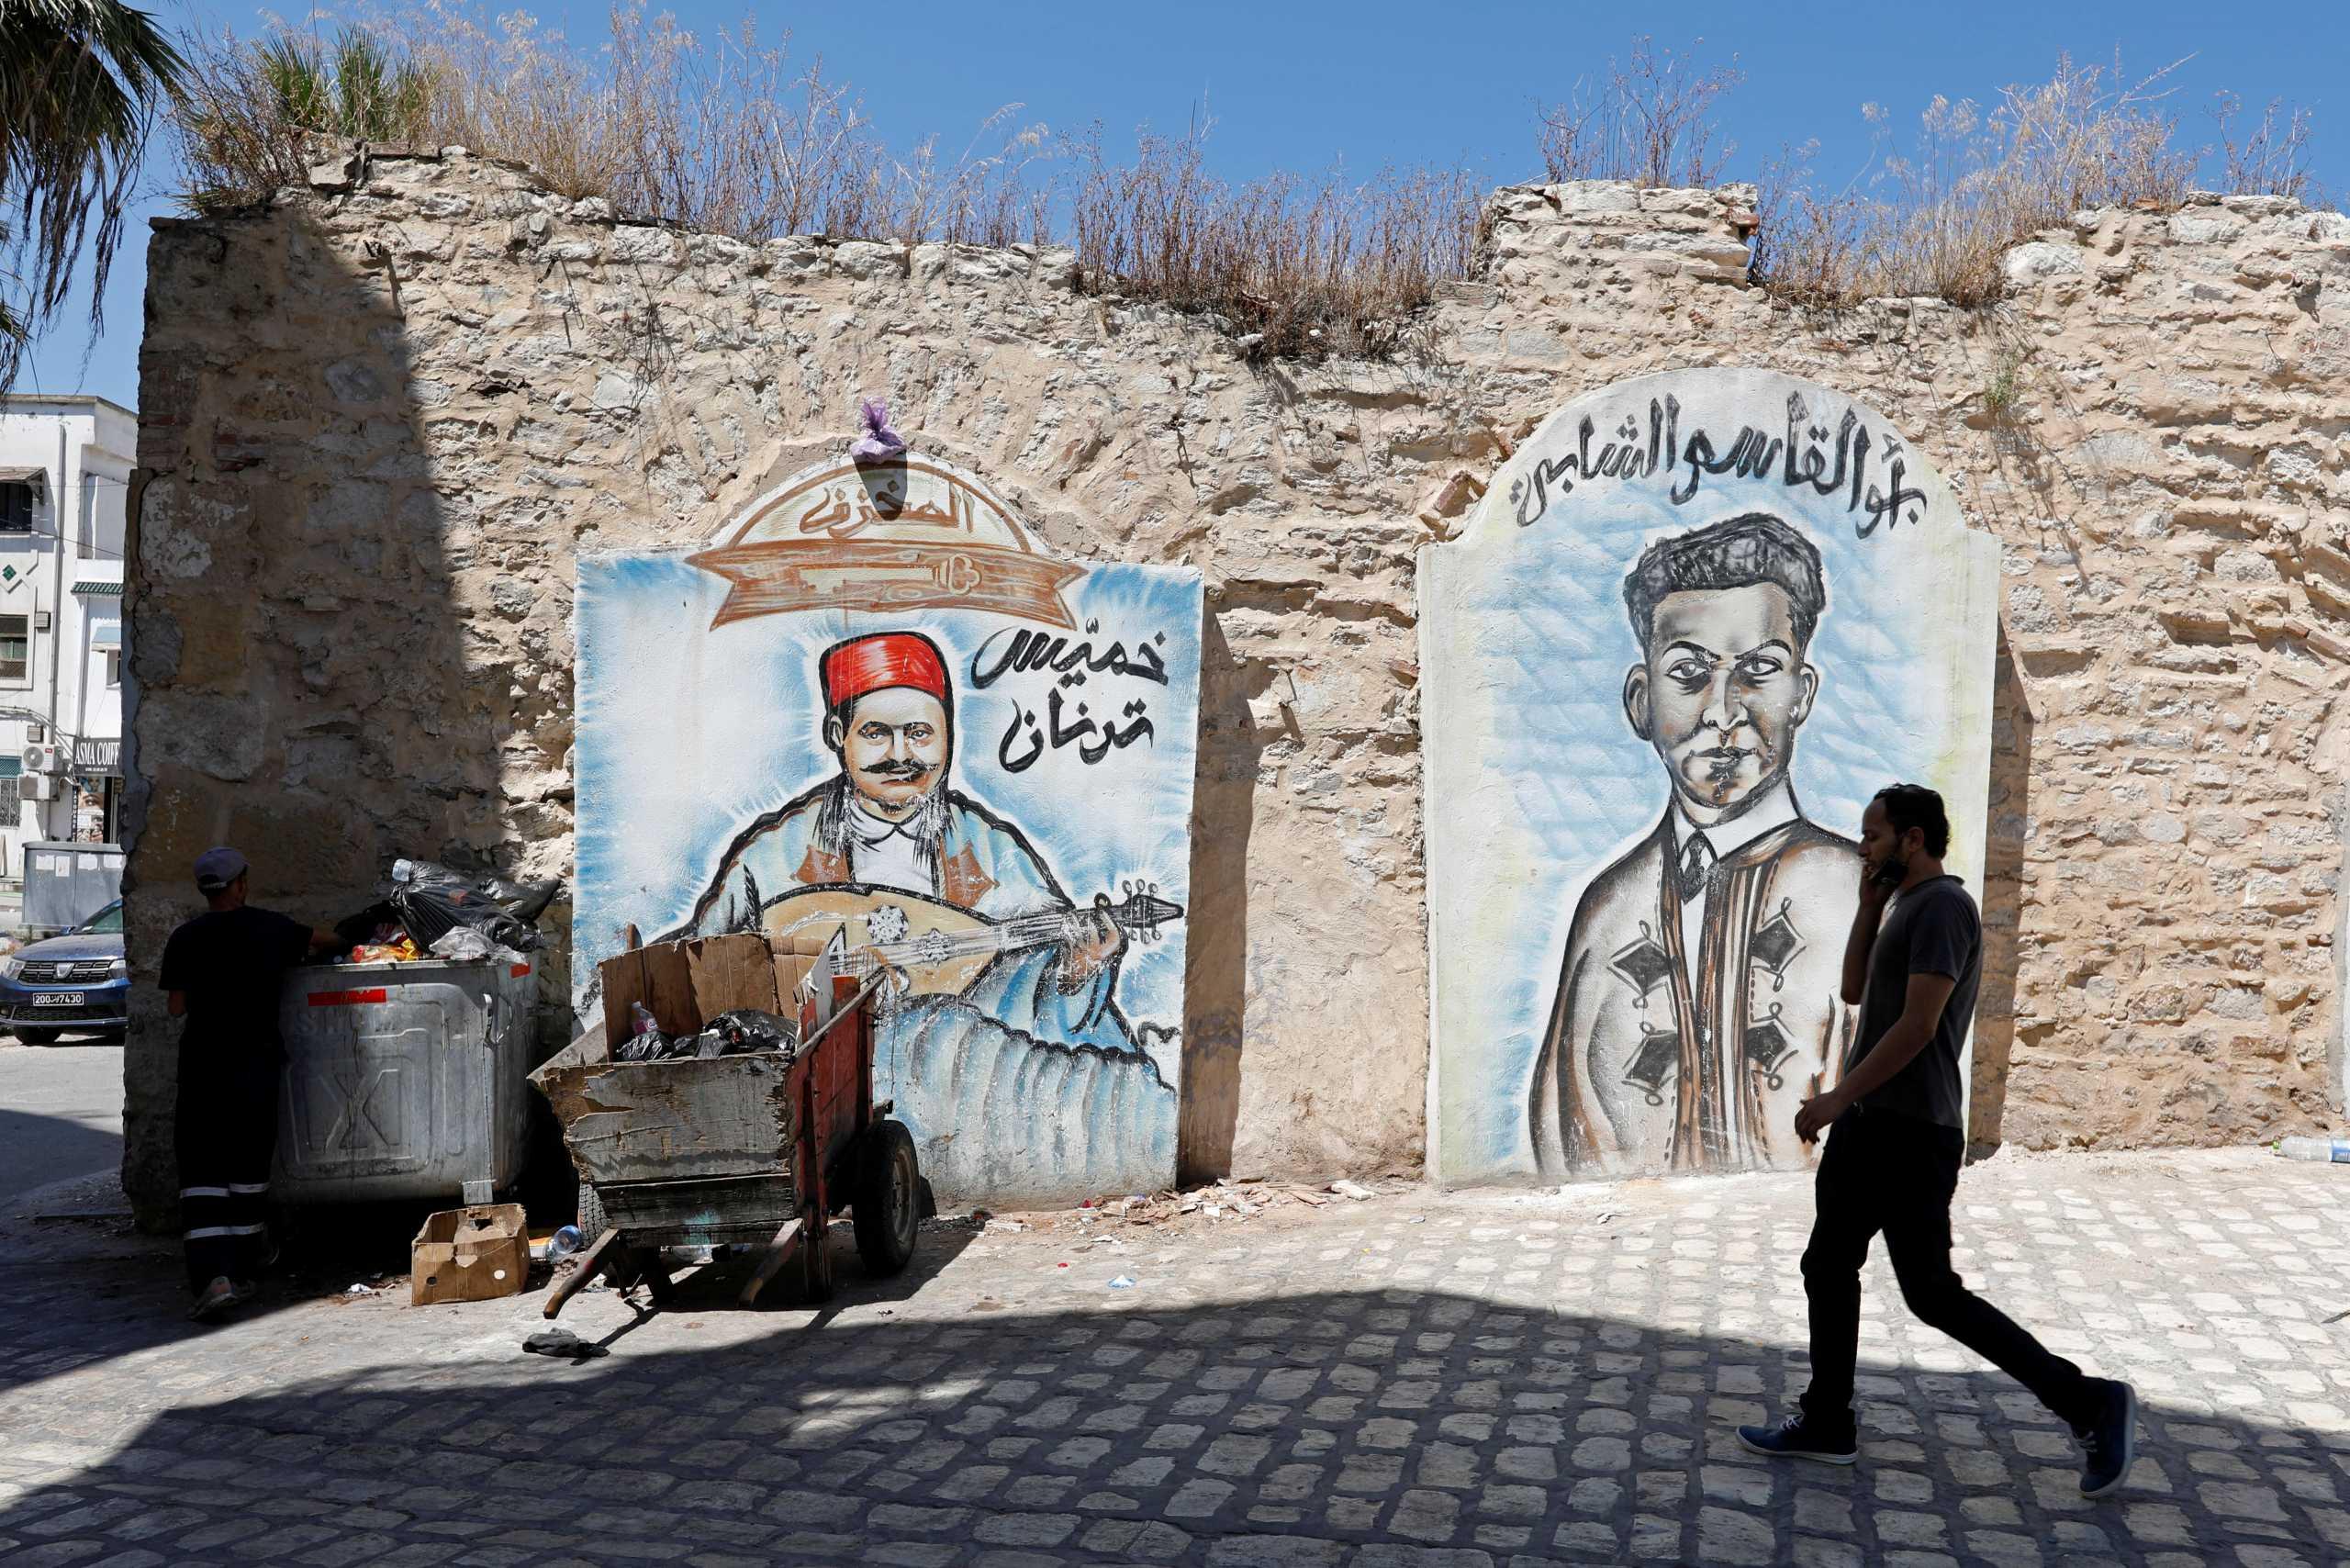 Τυνησία: Ρεκόρ 189 θανάτων από κορονοϊό σε 24 ώρες – Πάνω από 481.000 τα κρούσματα συνολικά